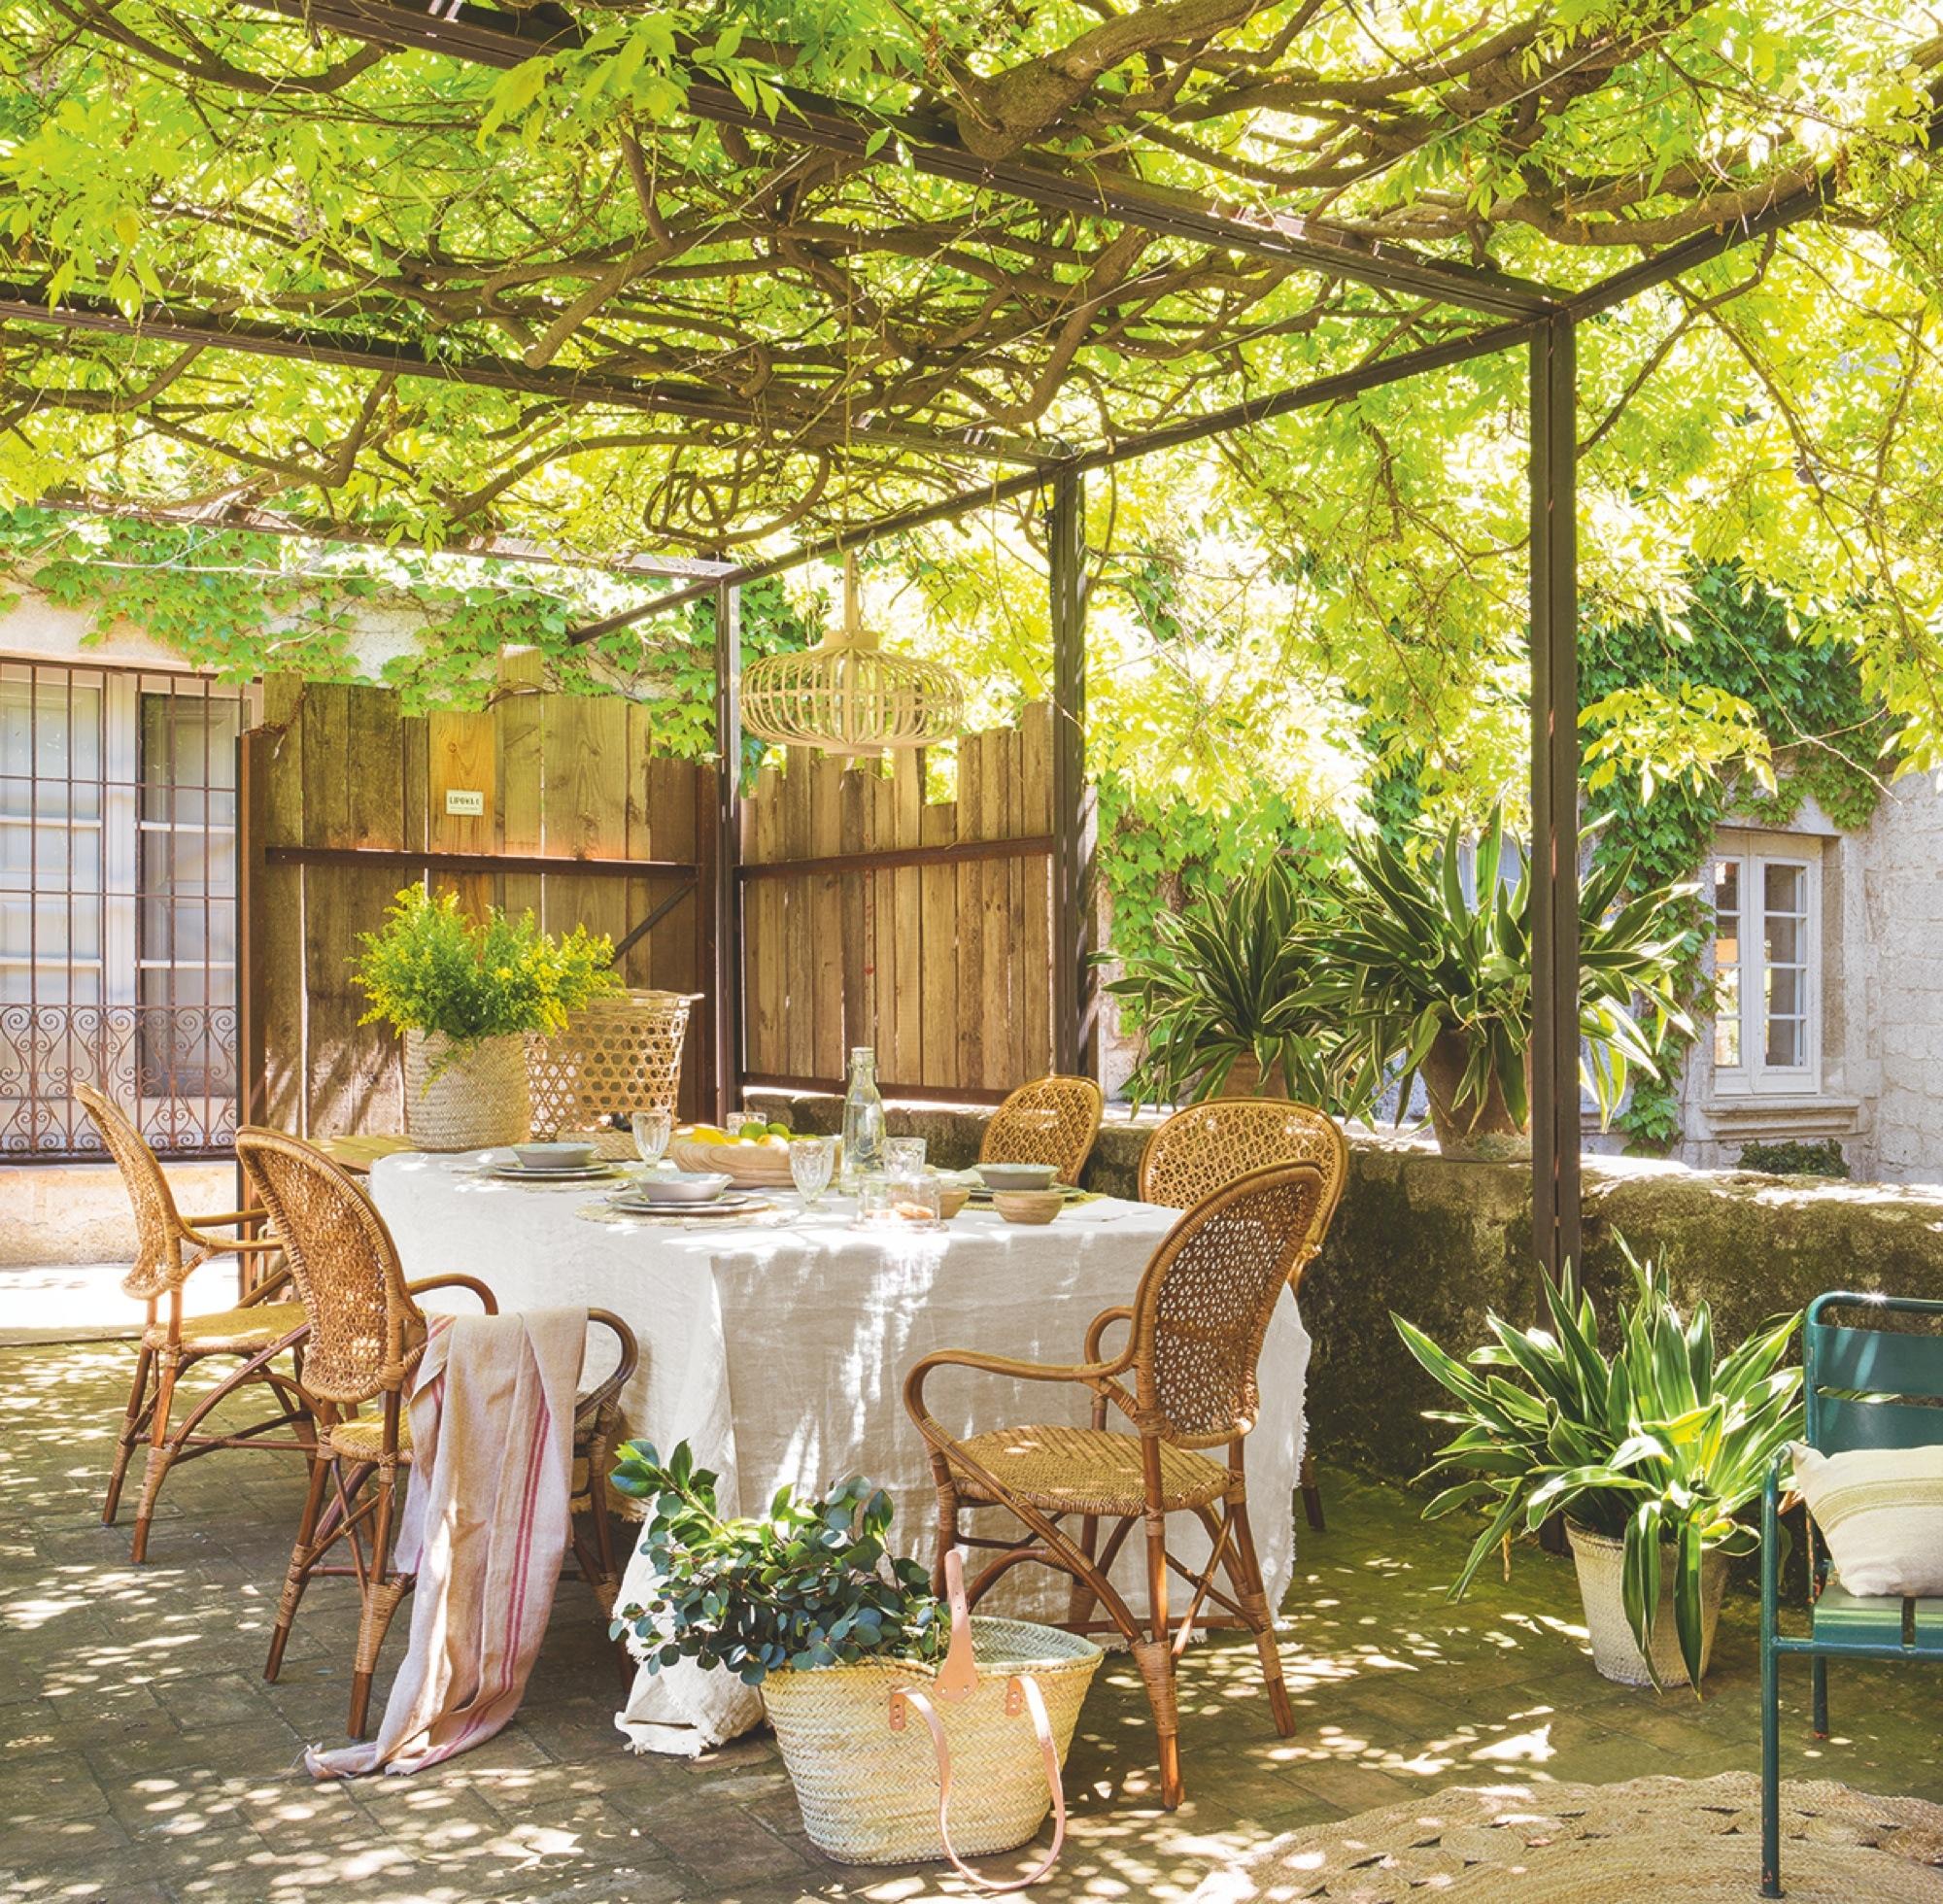 Terraza muebles el mueble girona en la terraza prgola de for El mueble terrazas